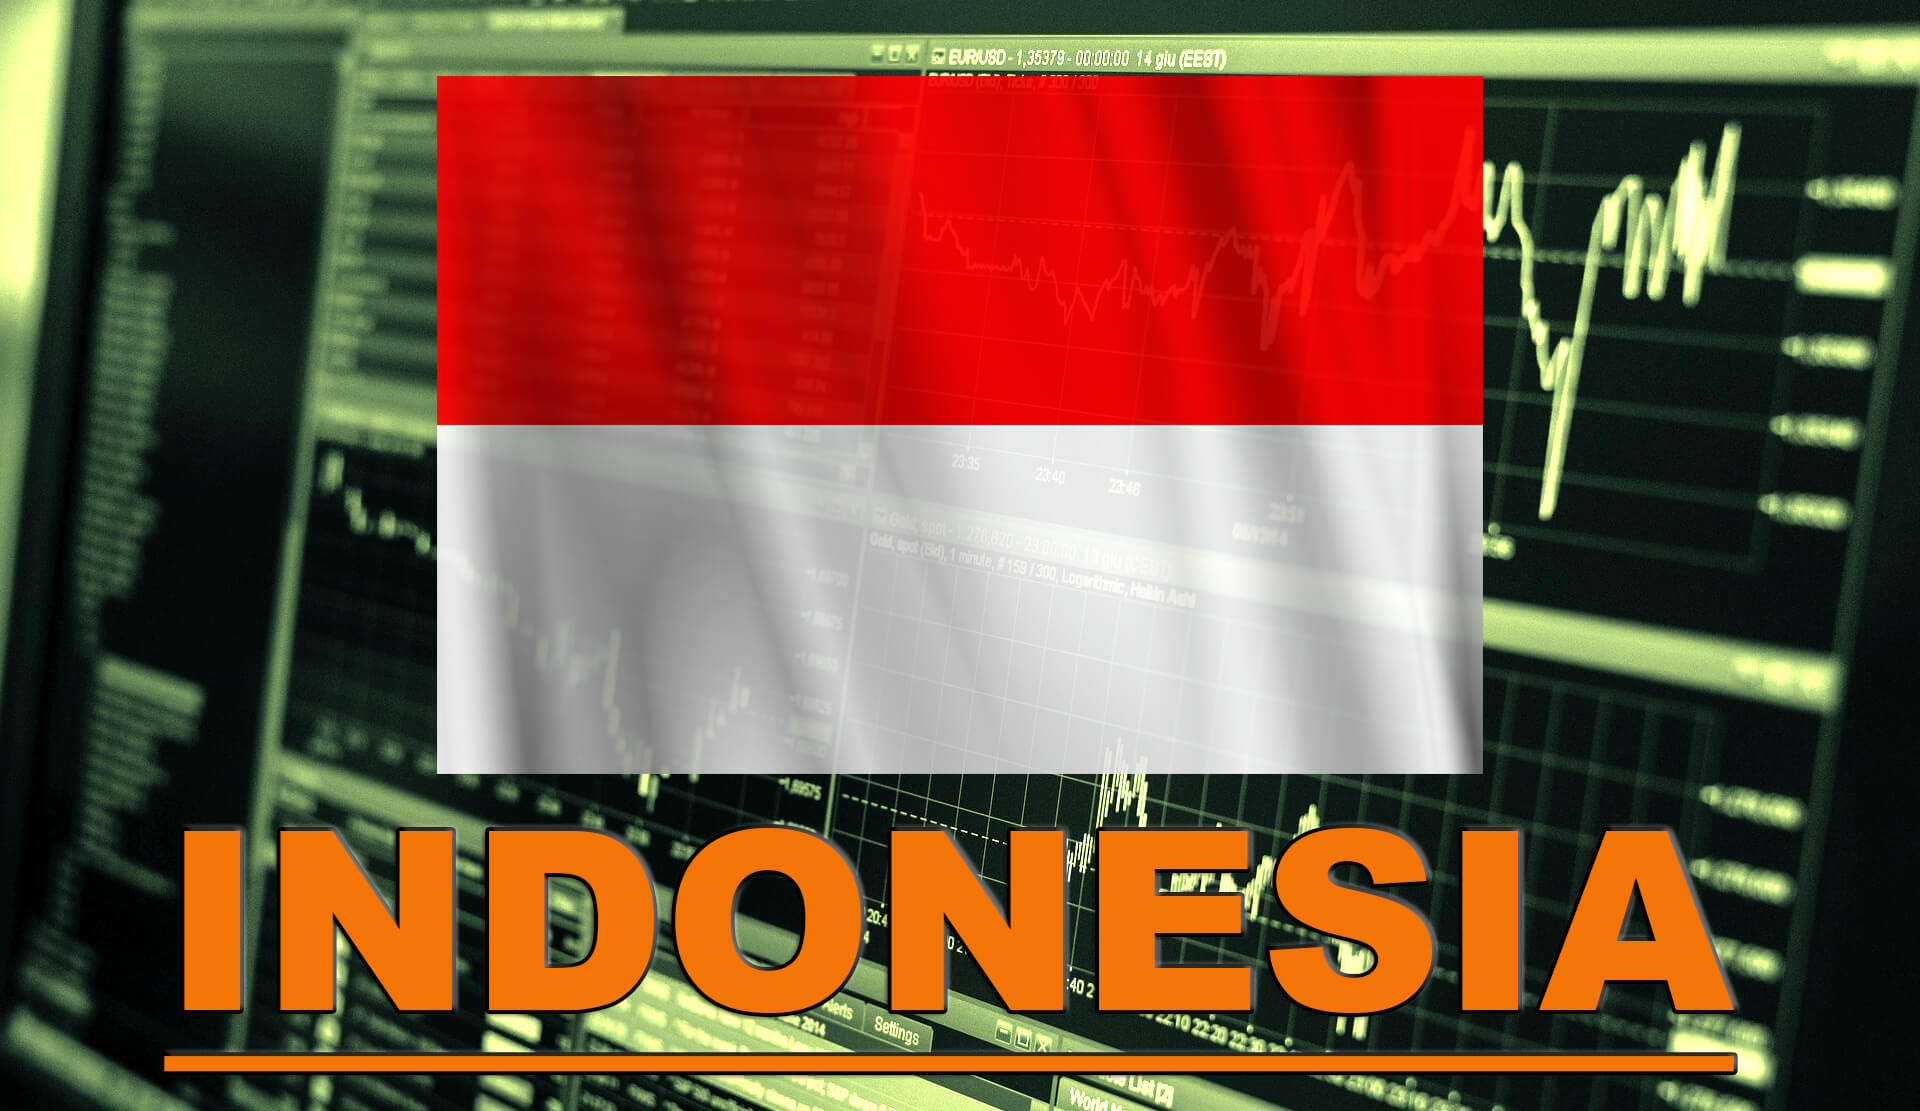 インドネシアの株式市場 | 上場企業と時価総額から導き出すインドネシアの成長産業